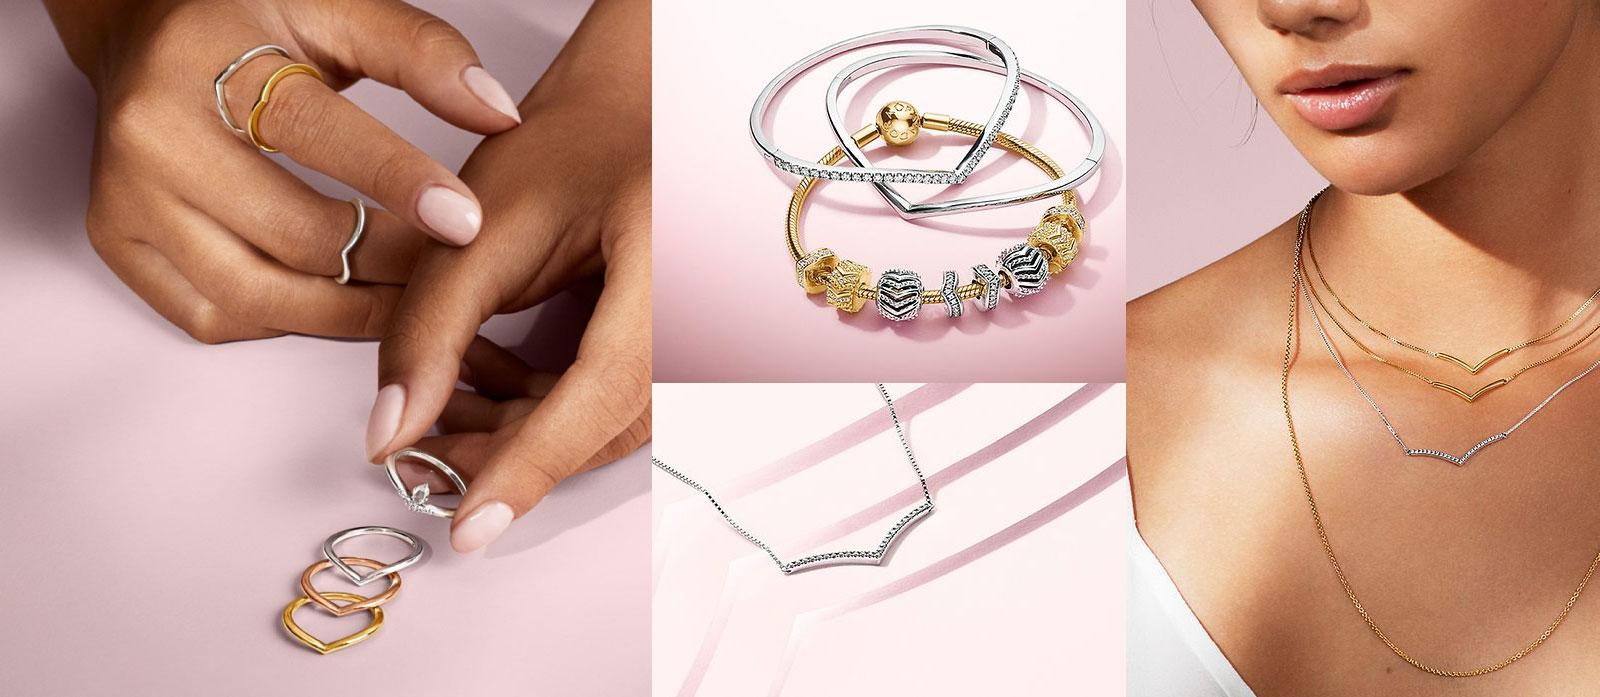 Pandora-wish-sieraden-kom-ze-shoppen-bij-Wolters-Juweliers-Coevorden-Emmen